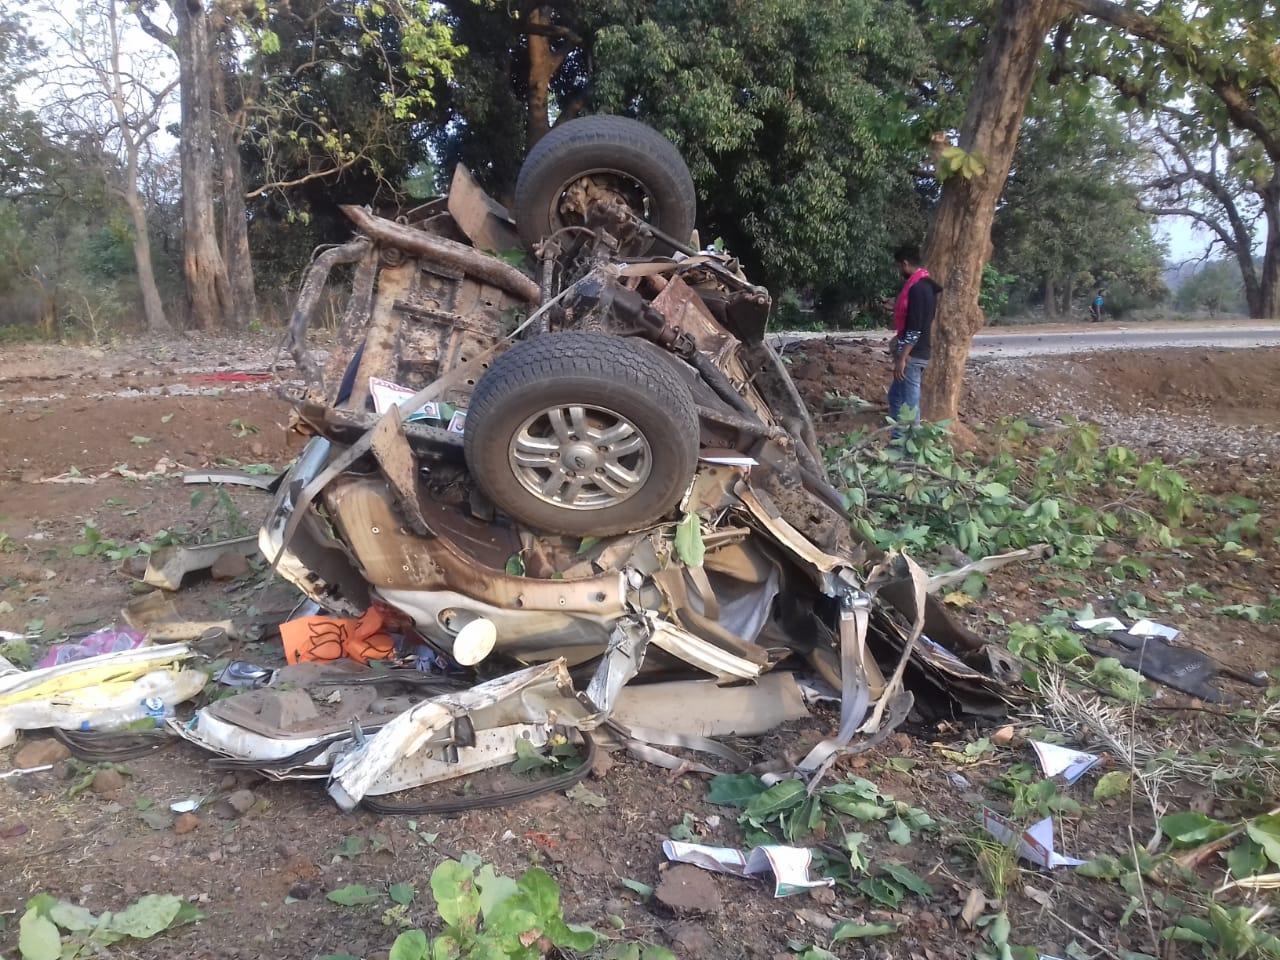 नक्सल हमले में भाजपा विधायक भीमा मंडावी की मौत, PSO सहित पांच जवान भी शहीद